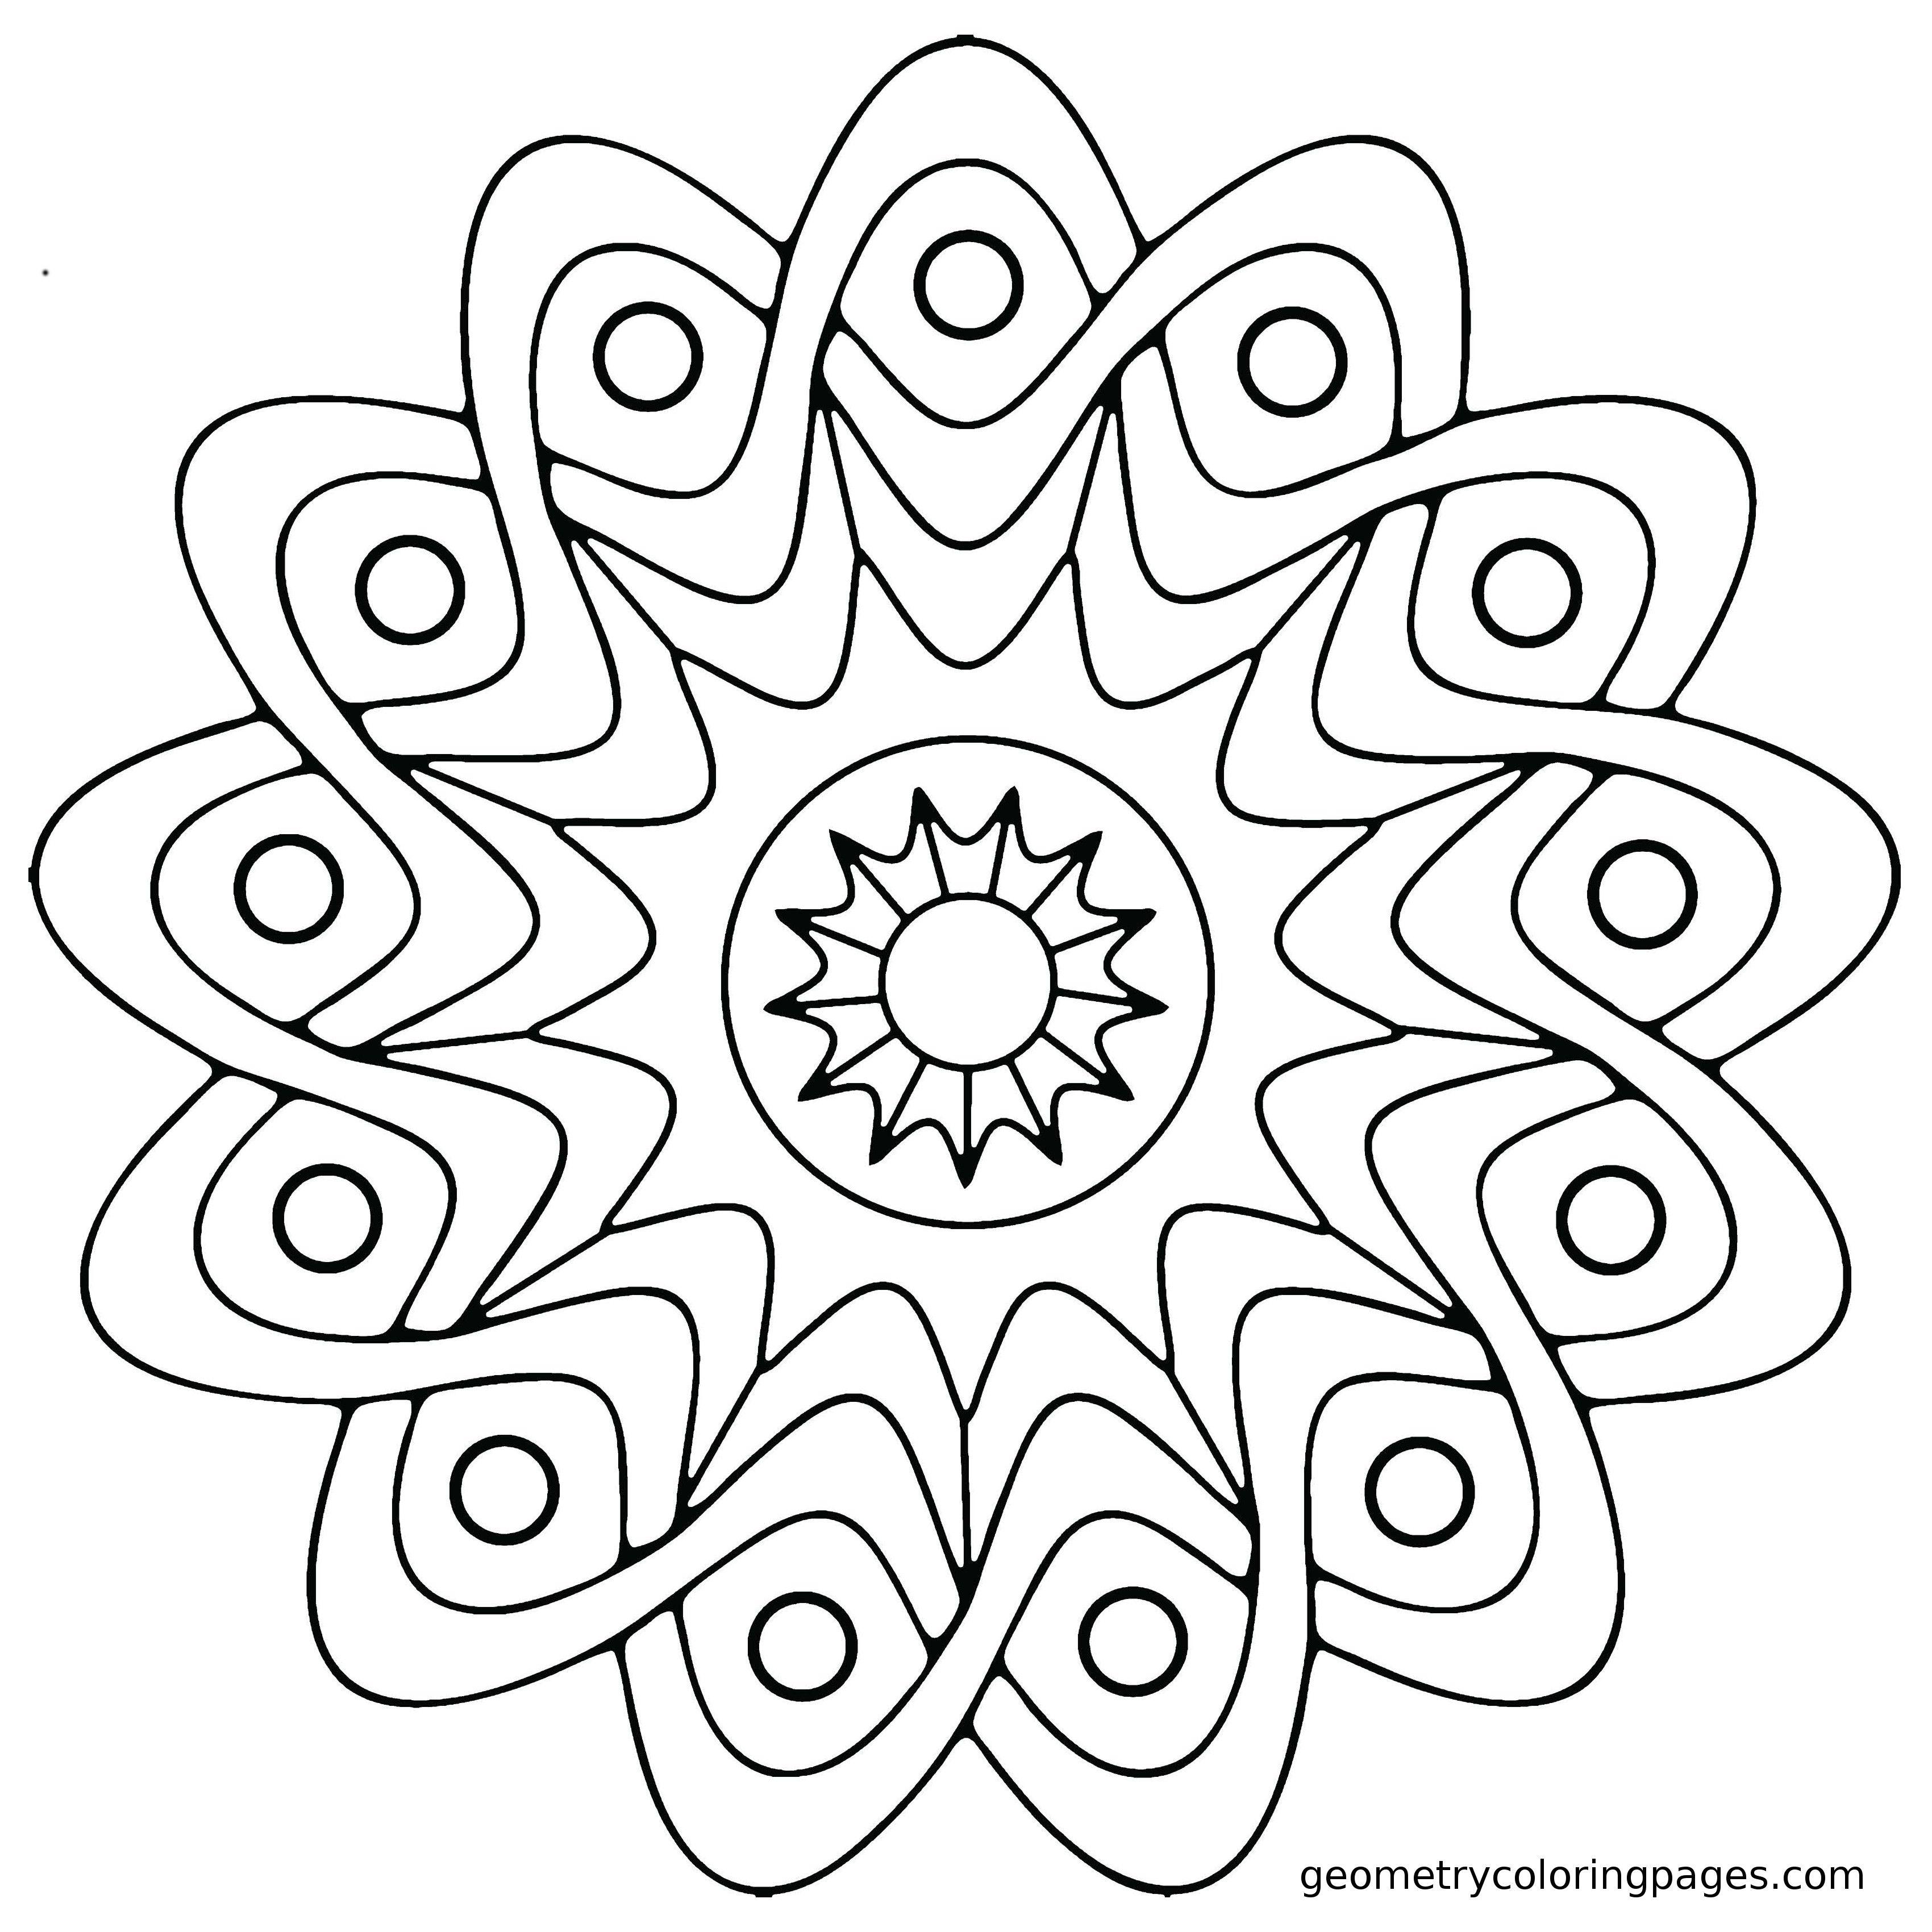 Pin von Michelle Schmidt auf Coloring Pages | Pinterest